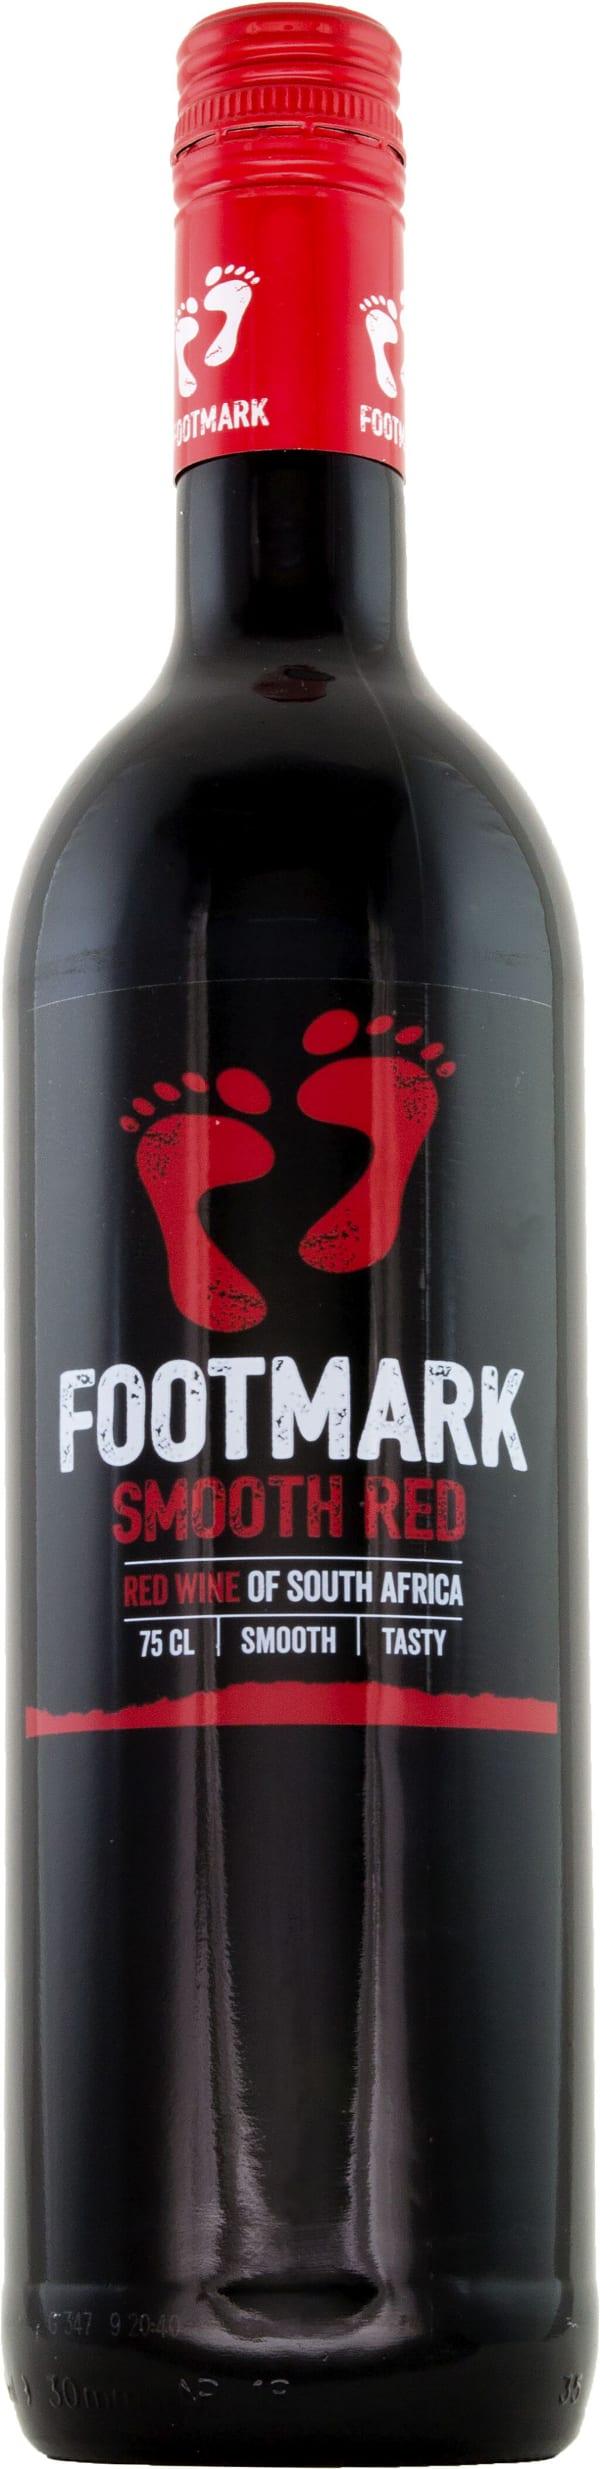 Footmark Merlot Cinsault 2016